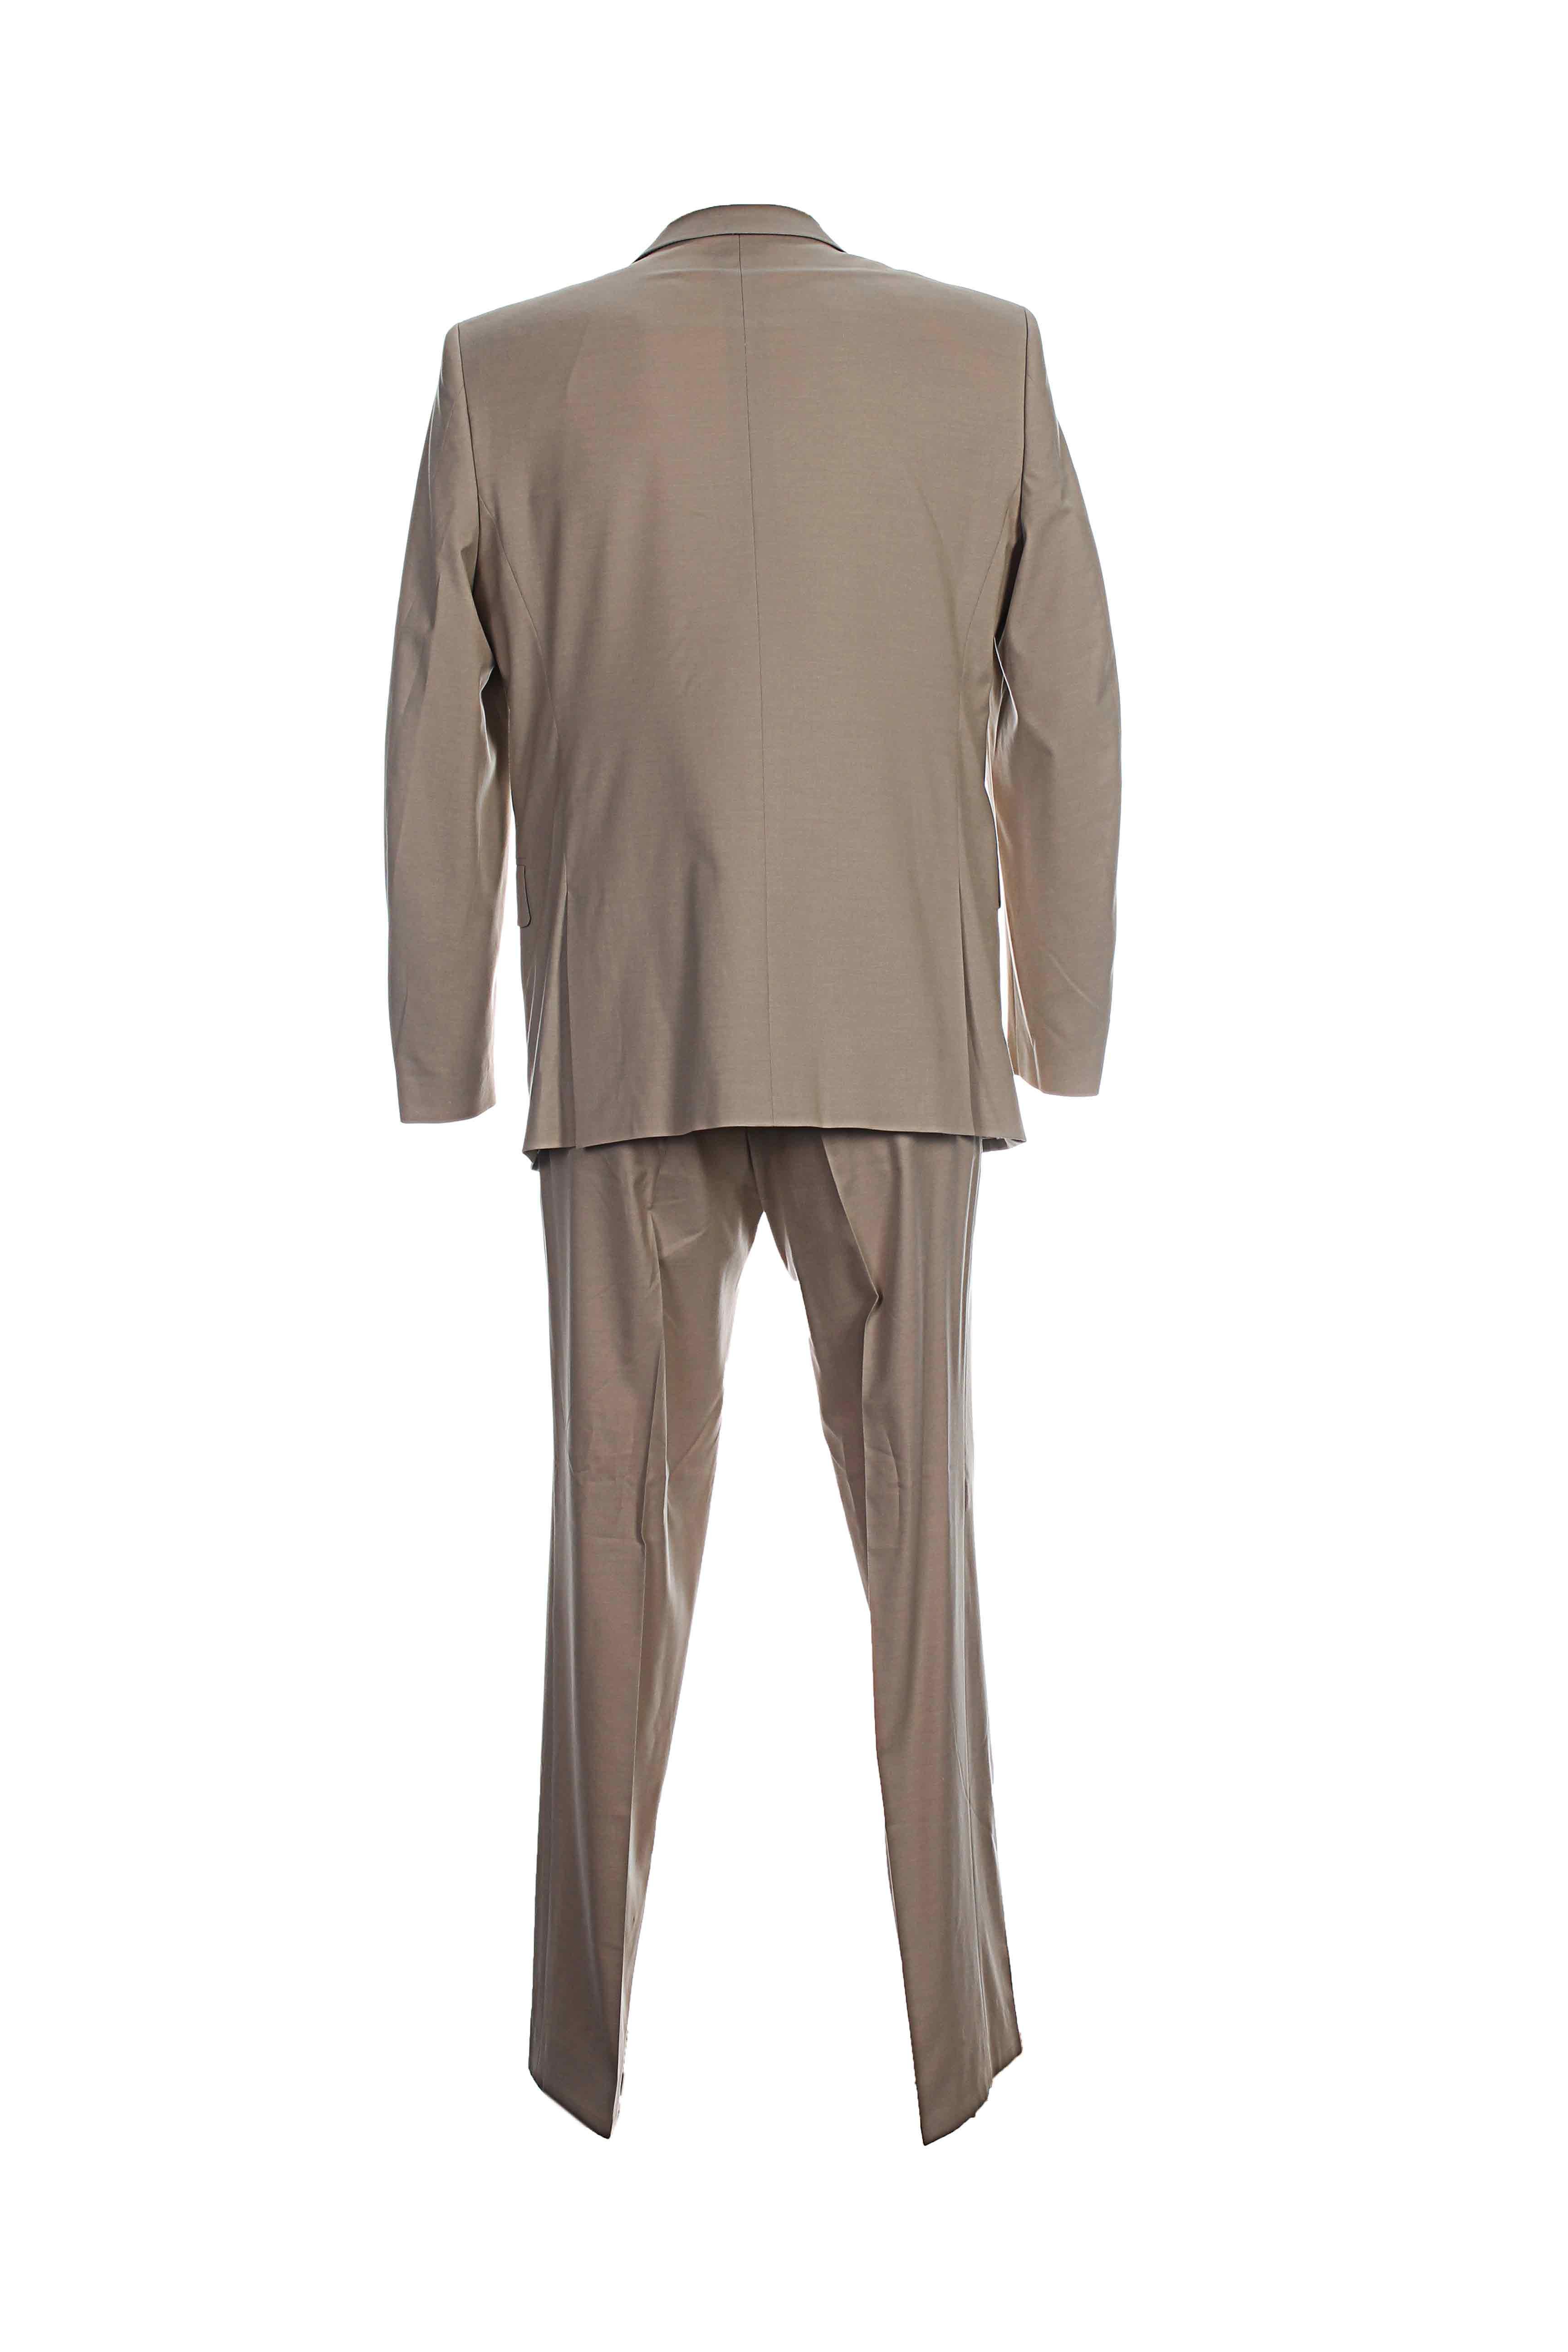 Daniel Hechter Costumes Ville Homme De Couleur Beige En Soldes Pas Cher 866924-beige0